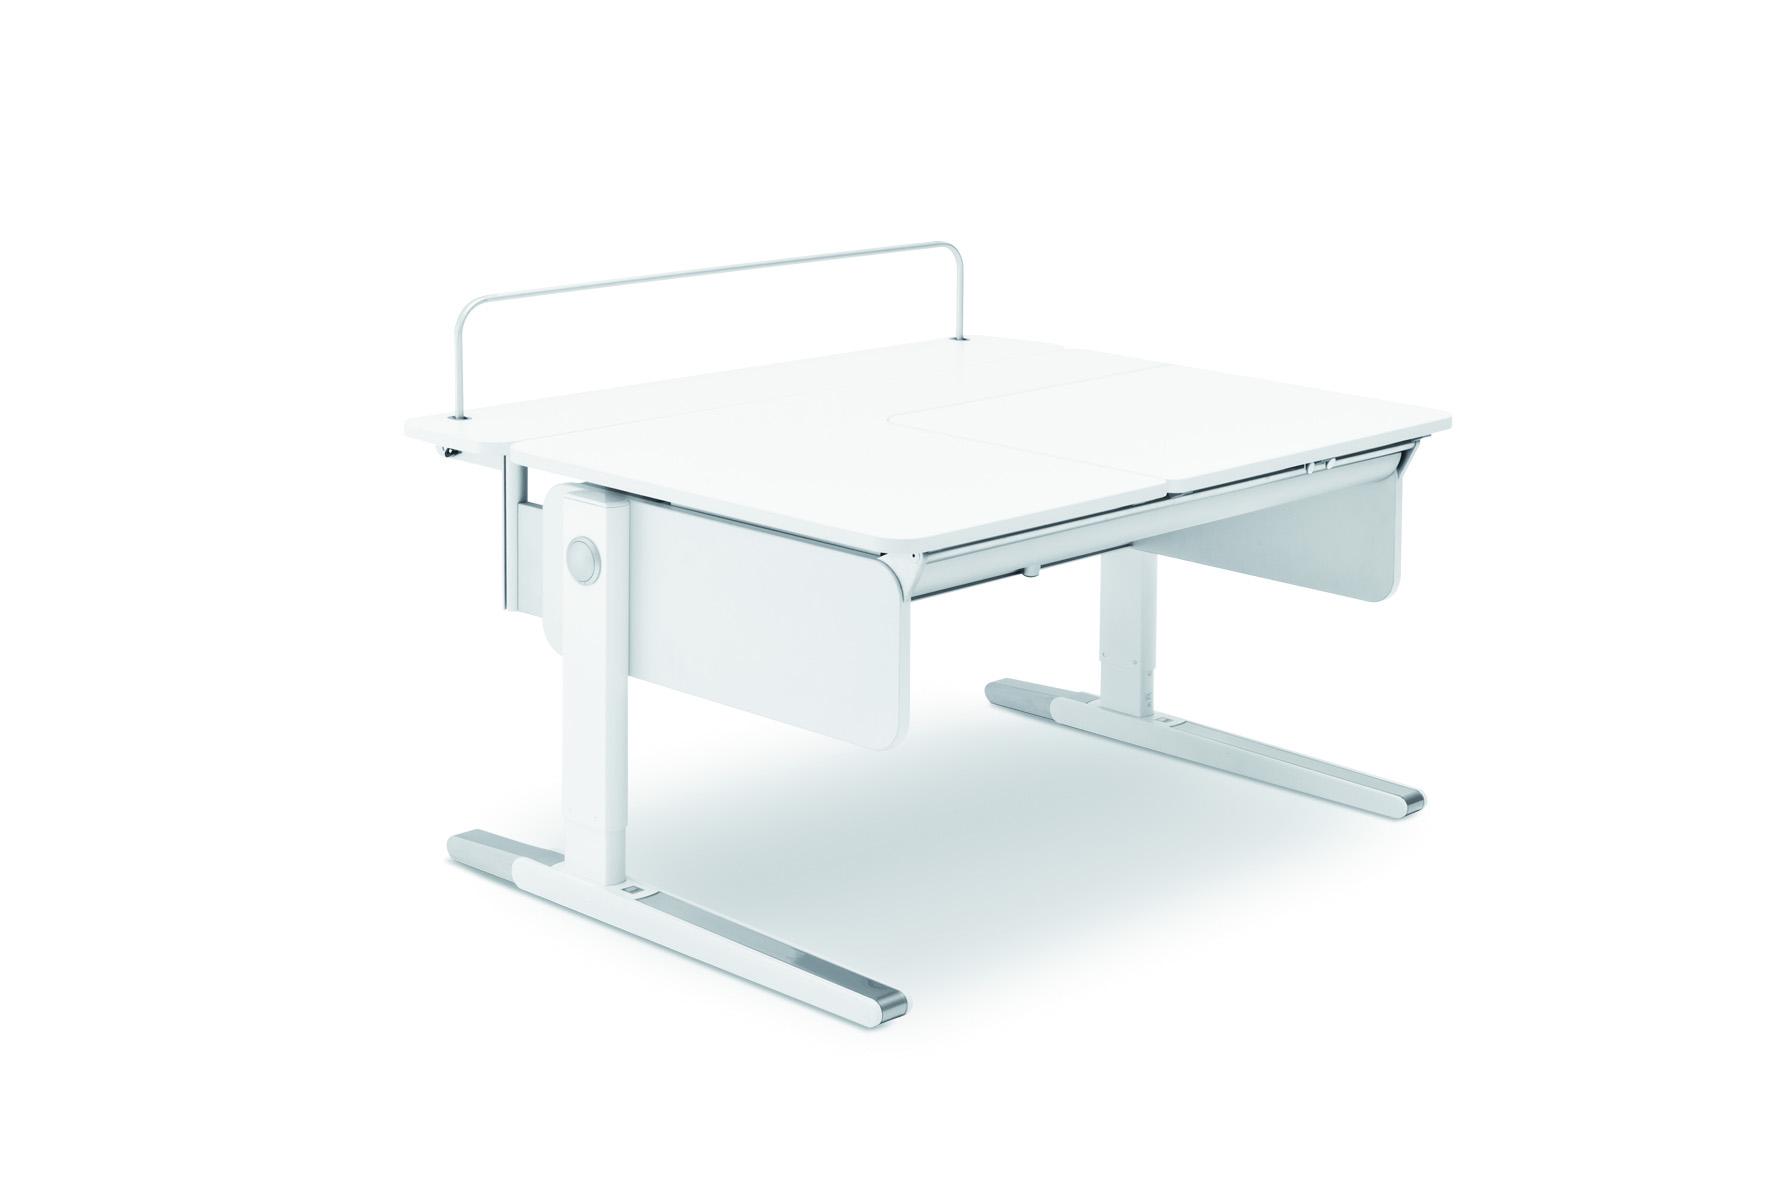 pb f add tft - Delso - dětský, kancelářský a bytový nábytek